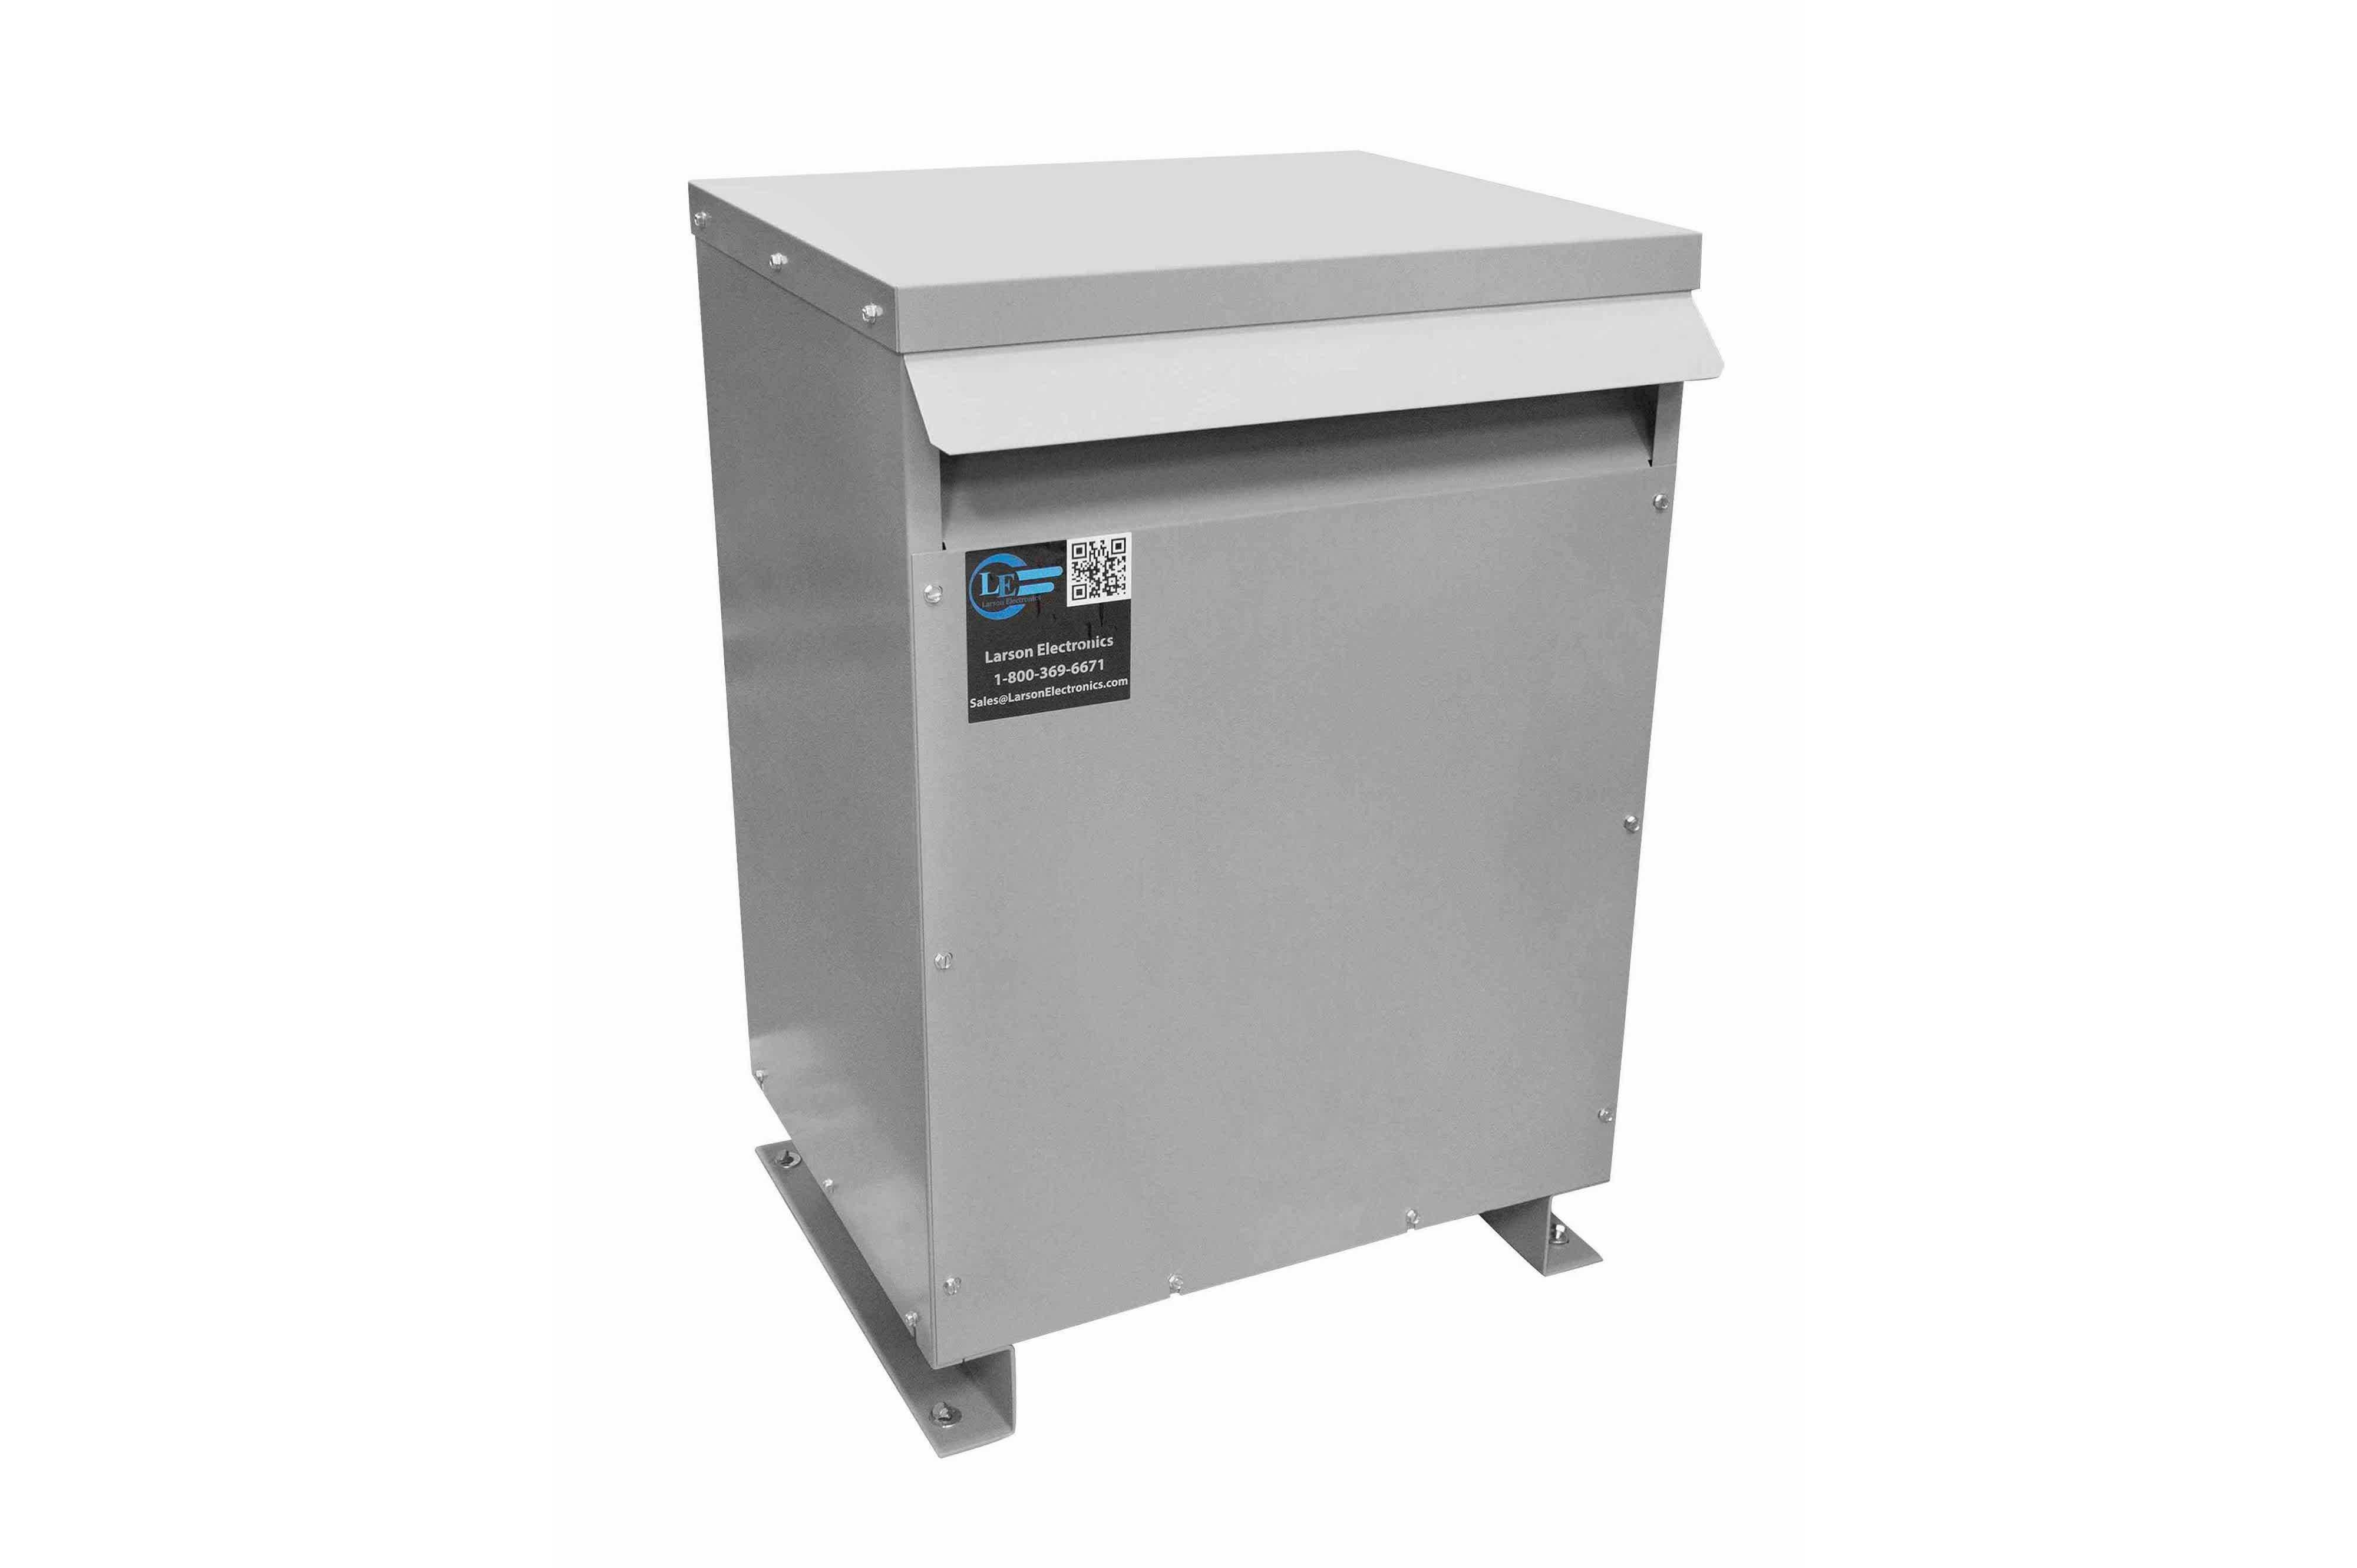 27 kVA 3PH Isolation Transformer, 240V Delta Primary, 380V Delta Secondary, N3R, Ventilated, 60 Hz